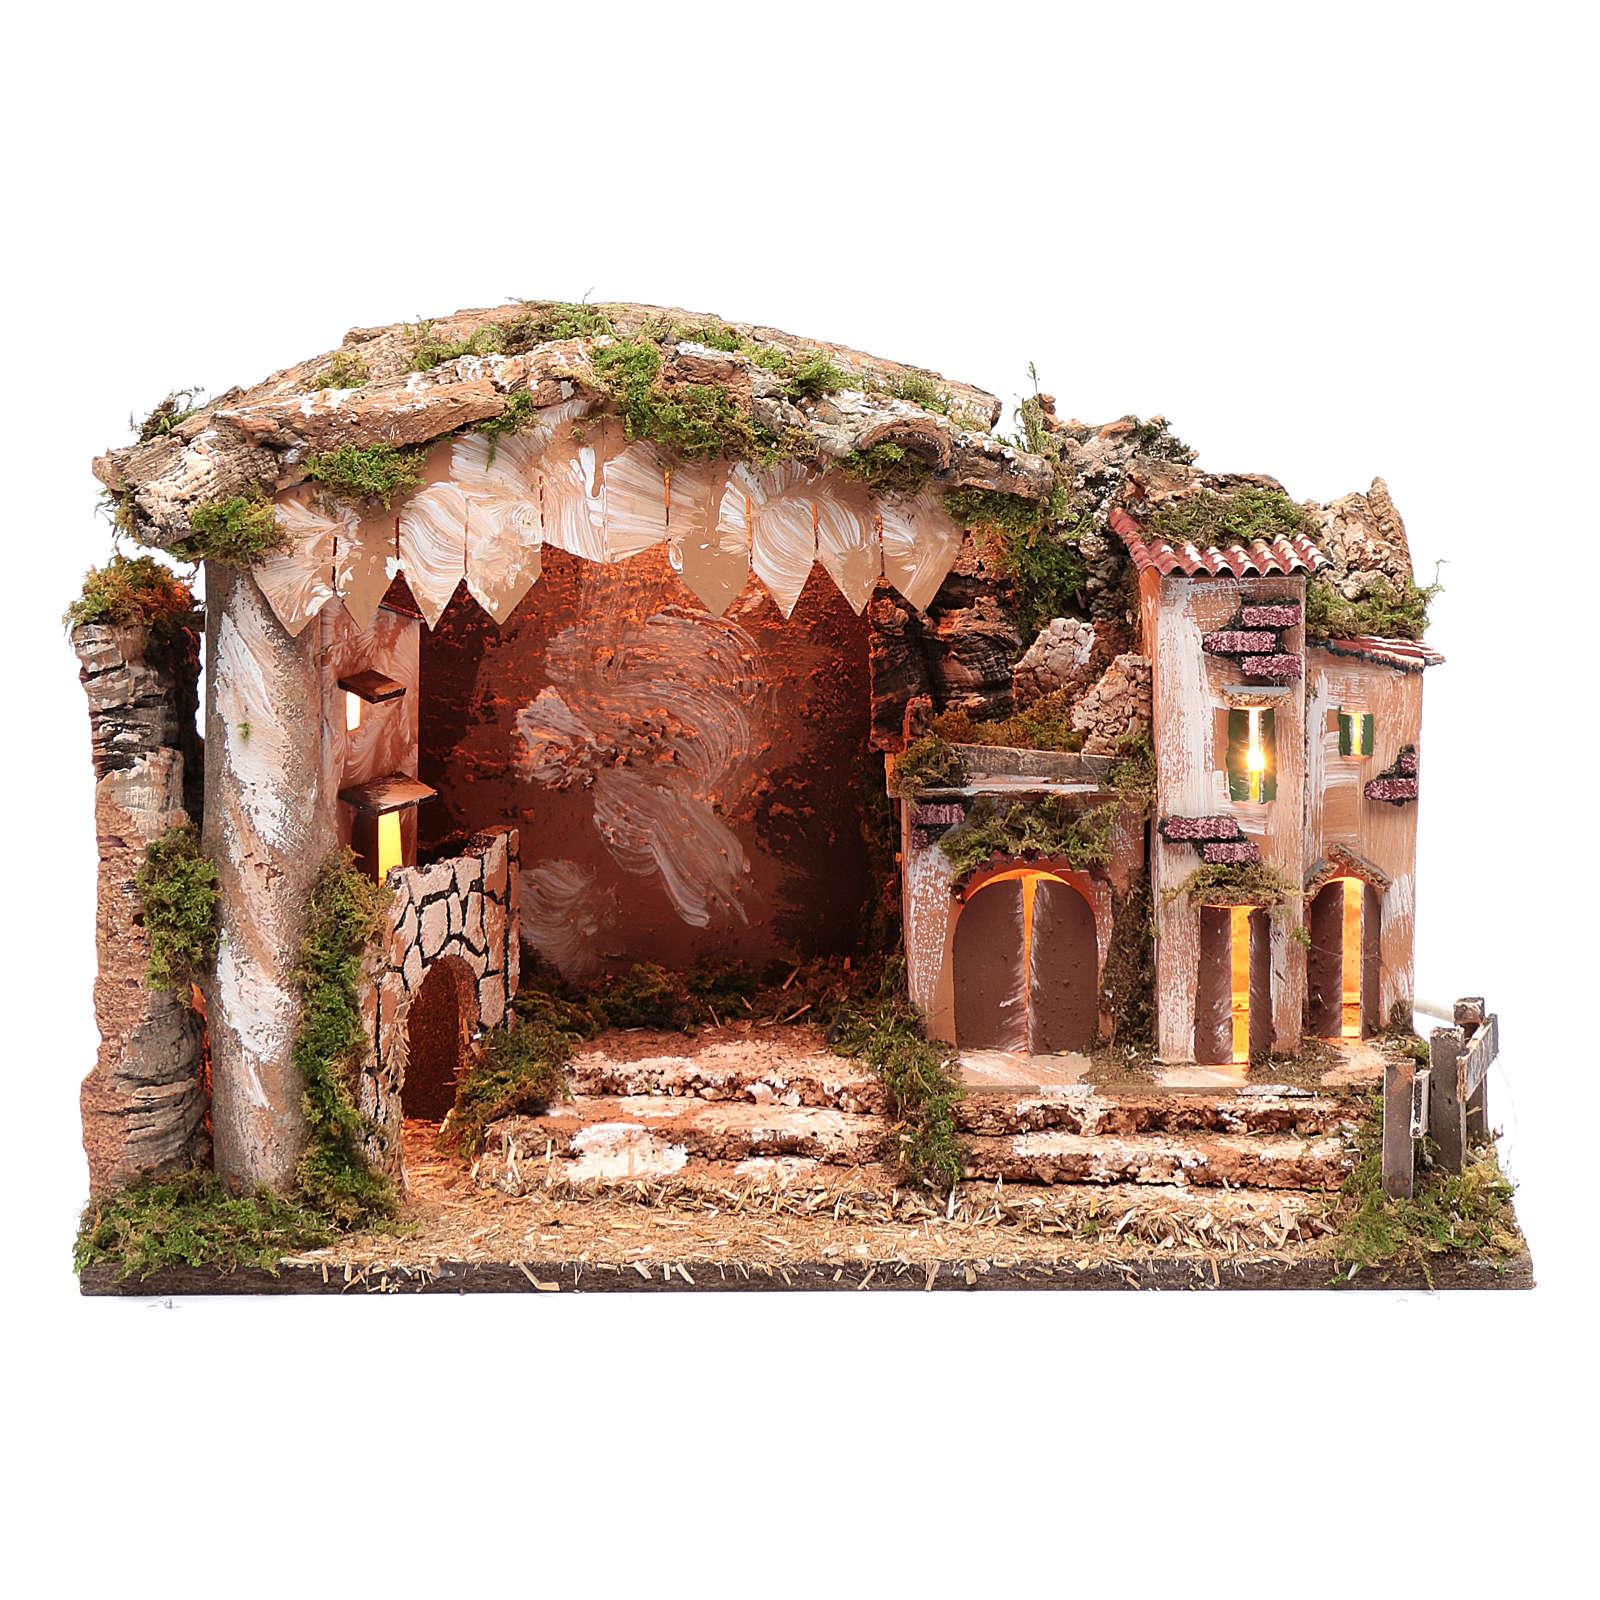 Décor crèche 35x50x30 cm éclairage maison et cabane 4